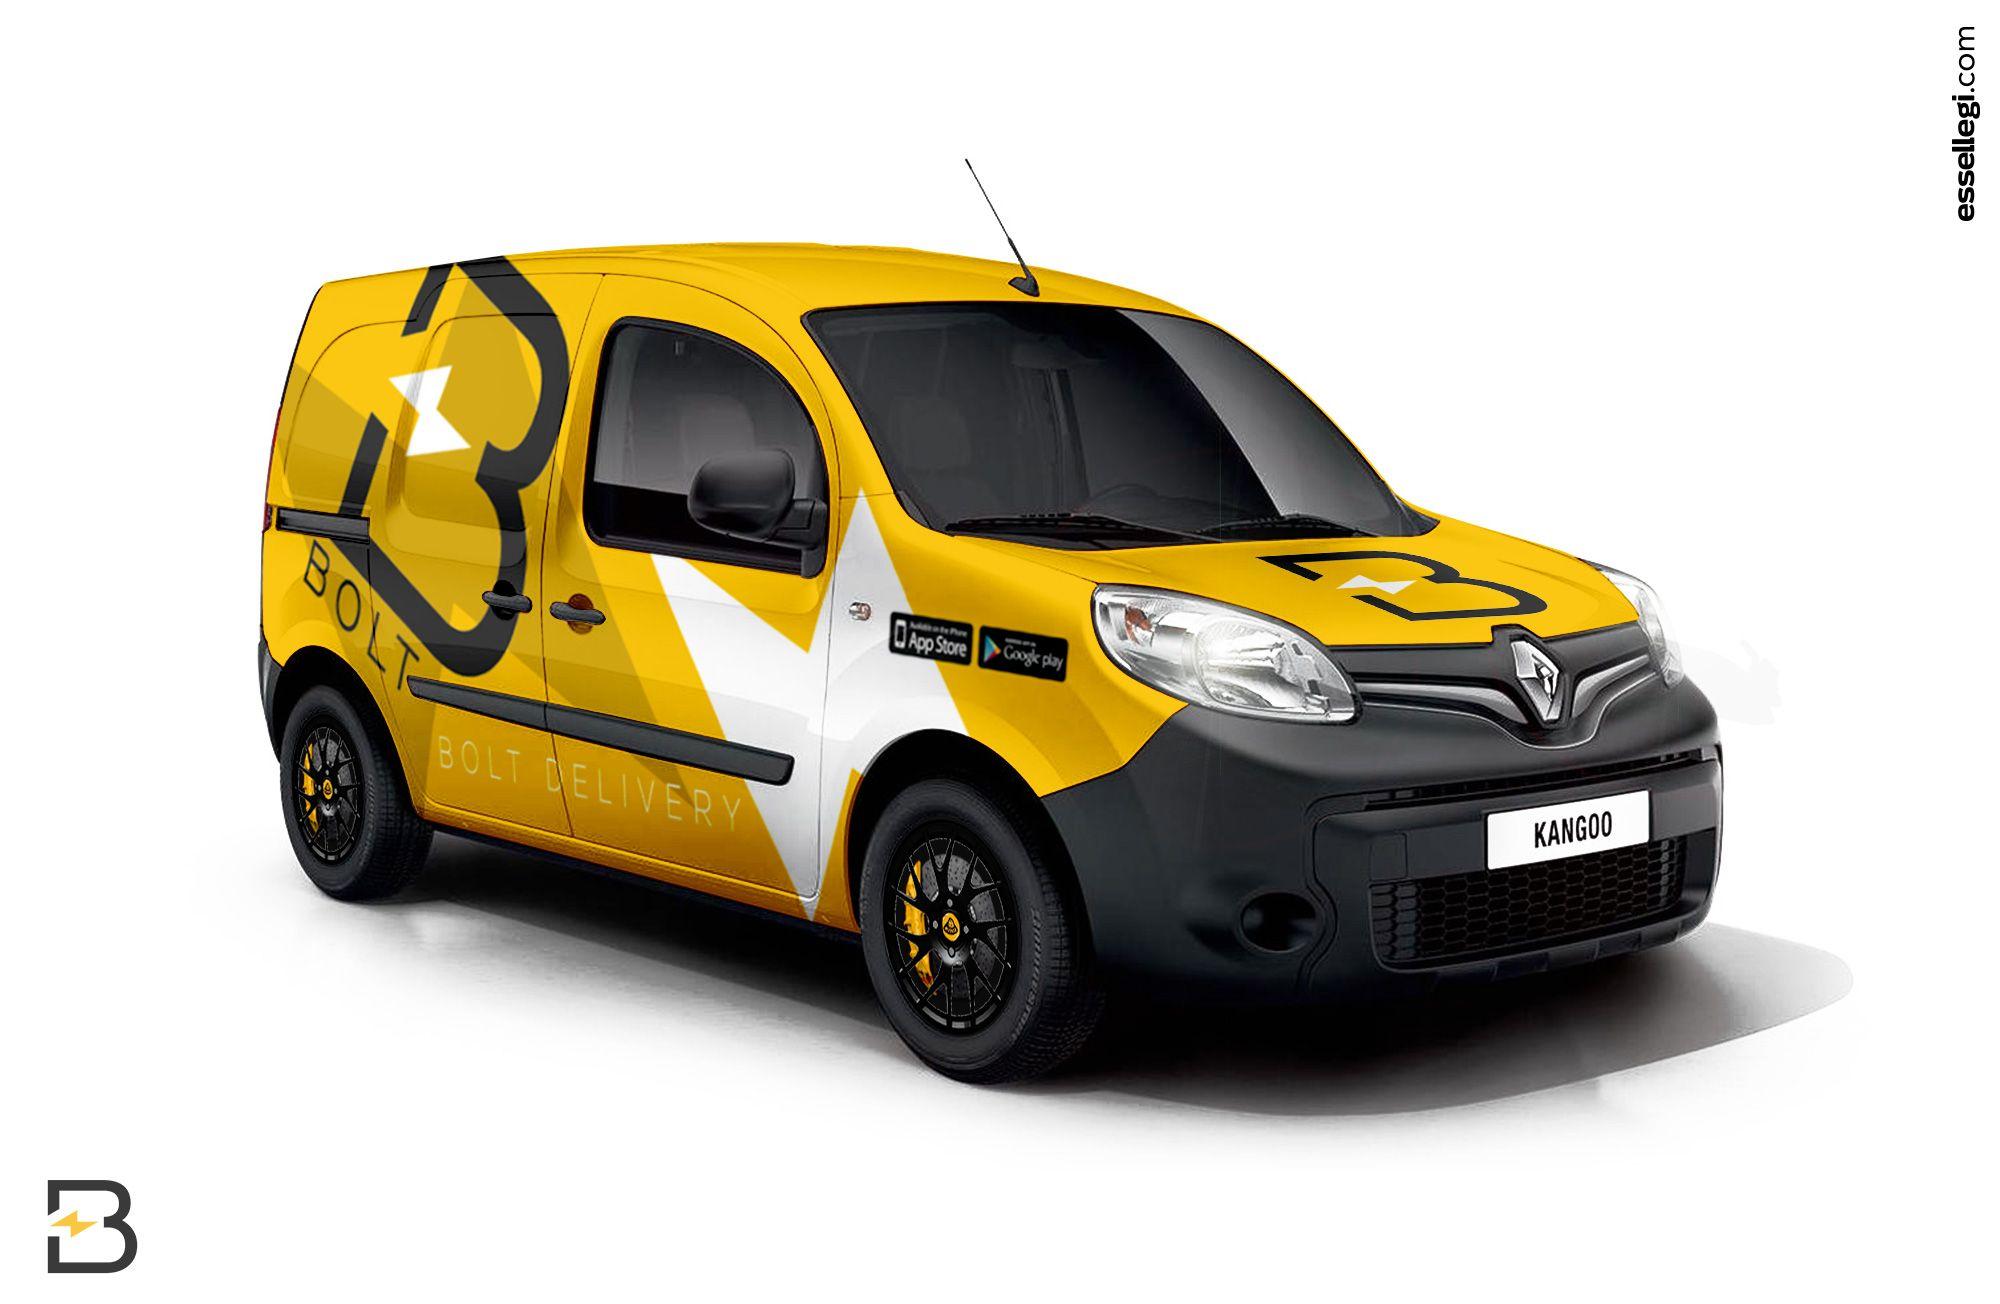 Renault Kangoo | Van Wrap Design by Essellegi. Van Signs, Van ...